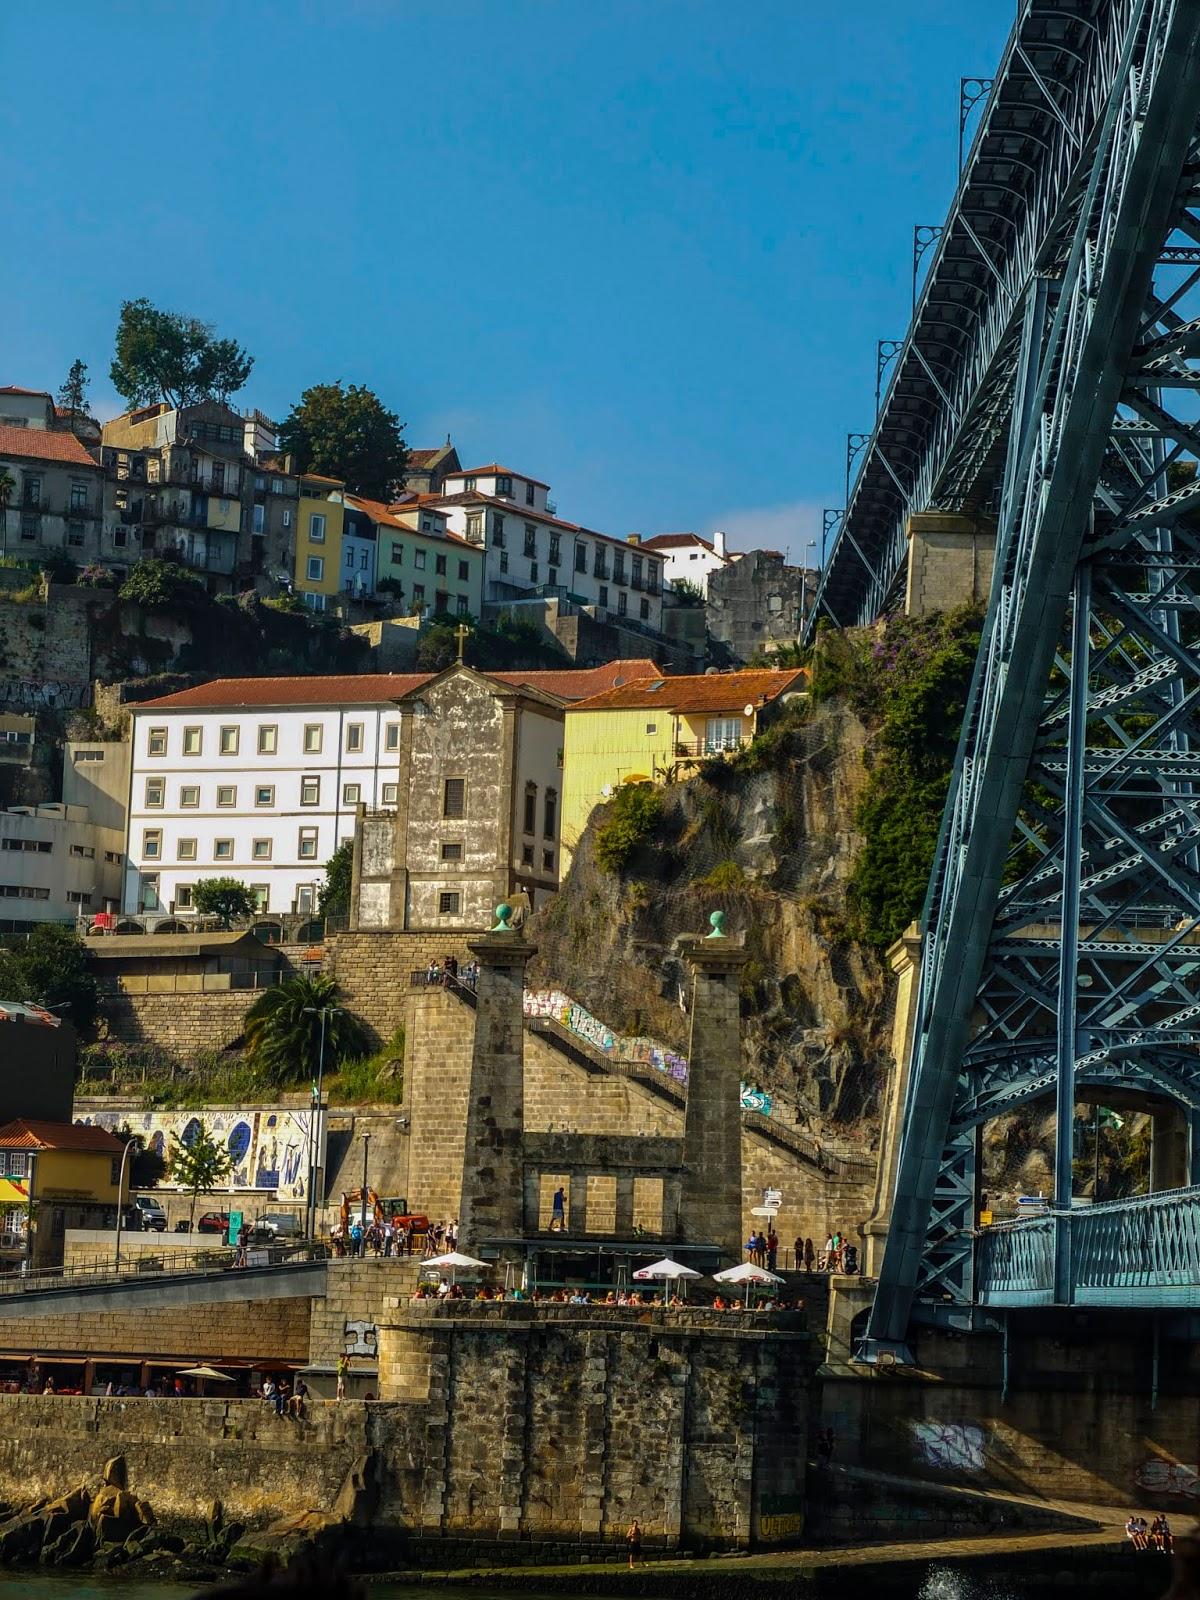 A view of the Dom Luis I Bridge in Porto, Portugal.